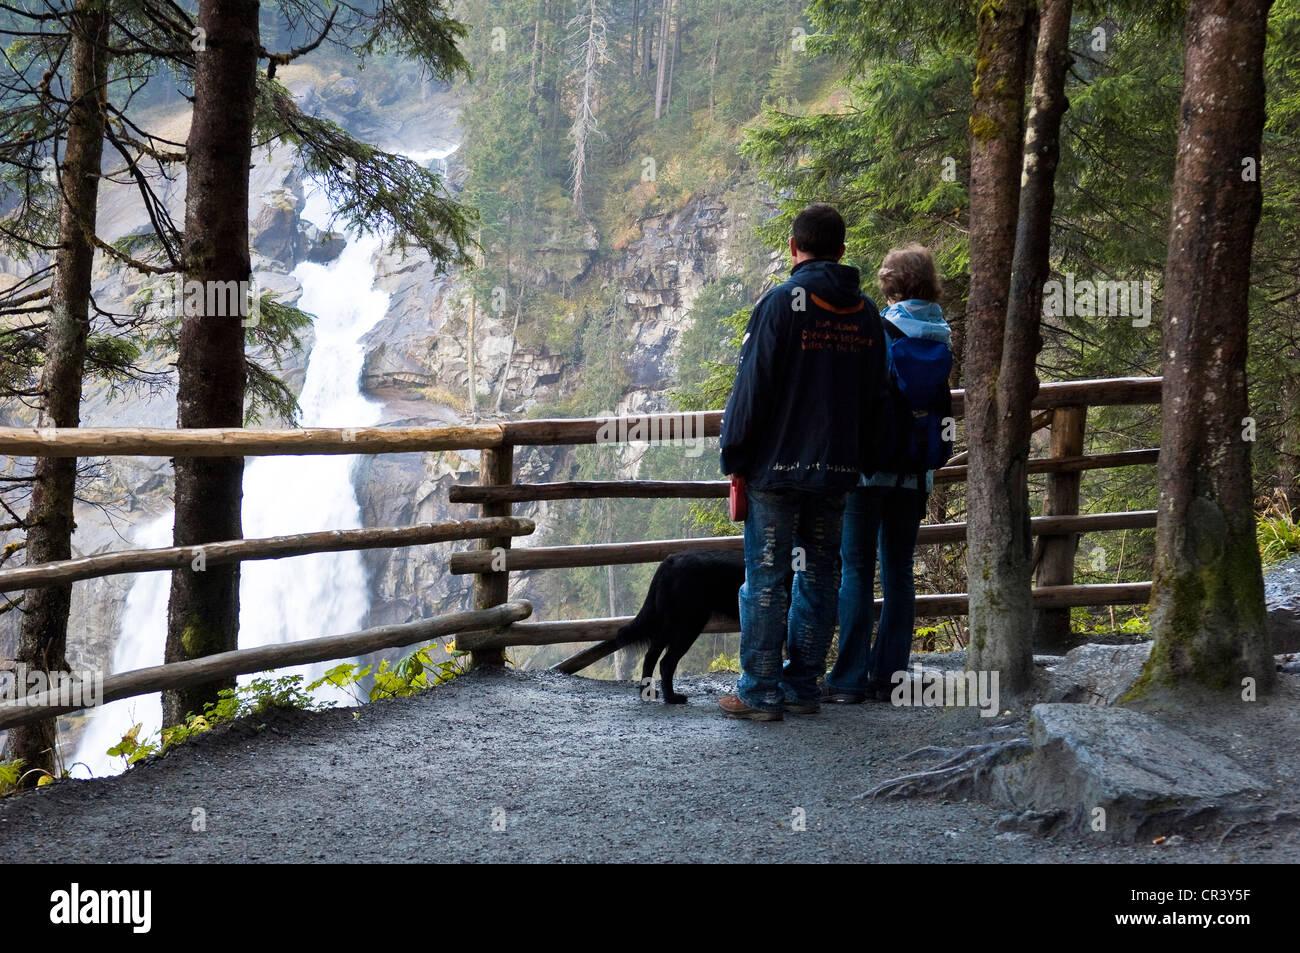 Austria, Salzburg Land, Krimml, Hohe Tauern national park, tourist circuit of Krimml waterfall, Krimmler Wasserfälle Stock Photo